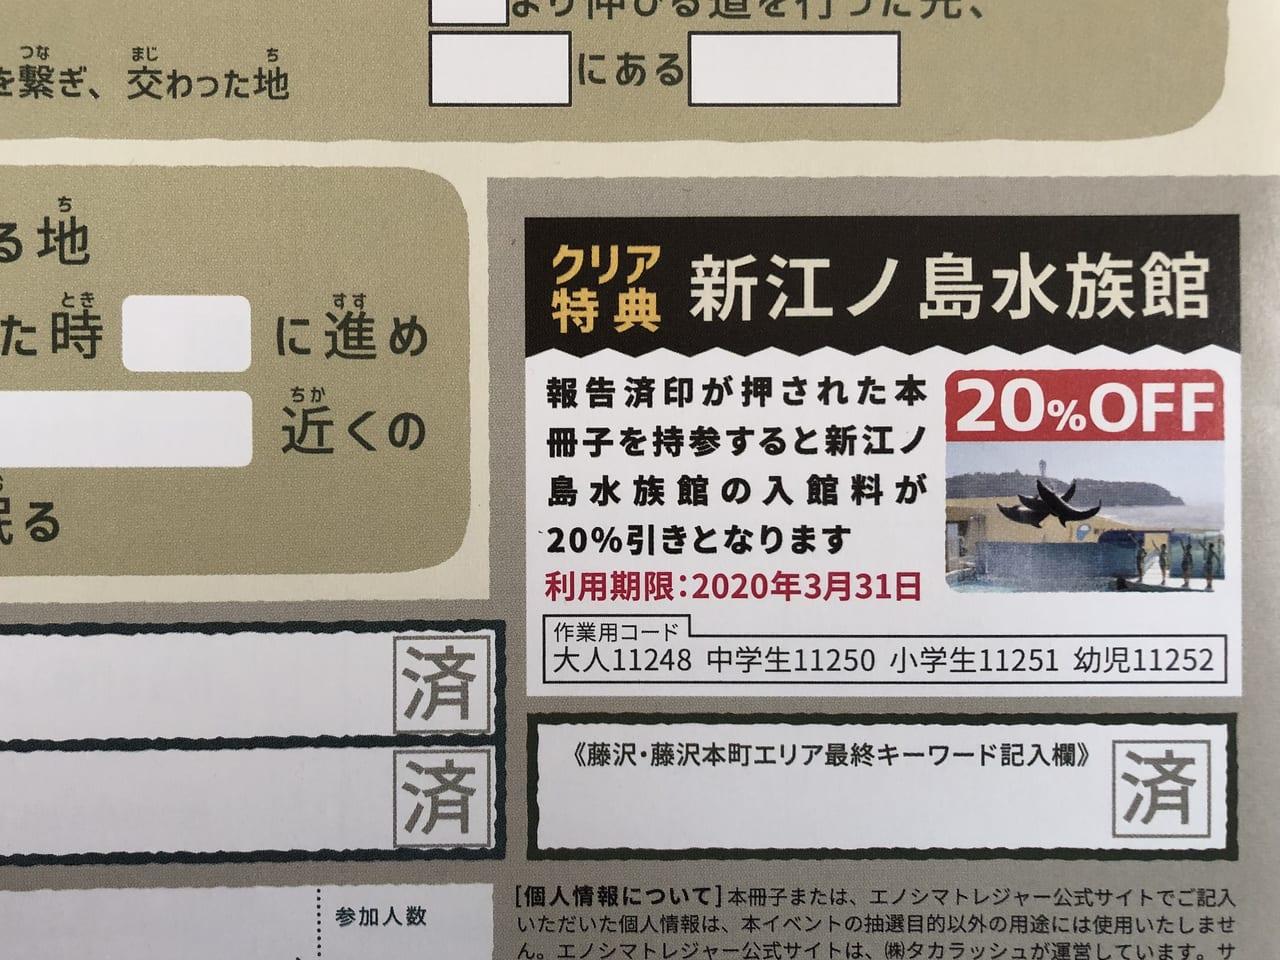 2020 江ノ島 トレジャー 【藤沢市】エノシマトレジャー(第一章:裏切りの勇者の物語)